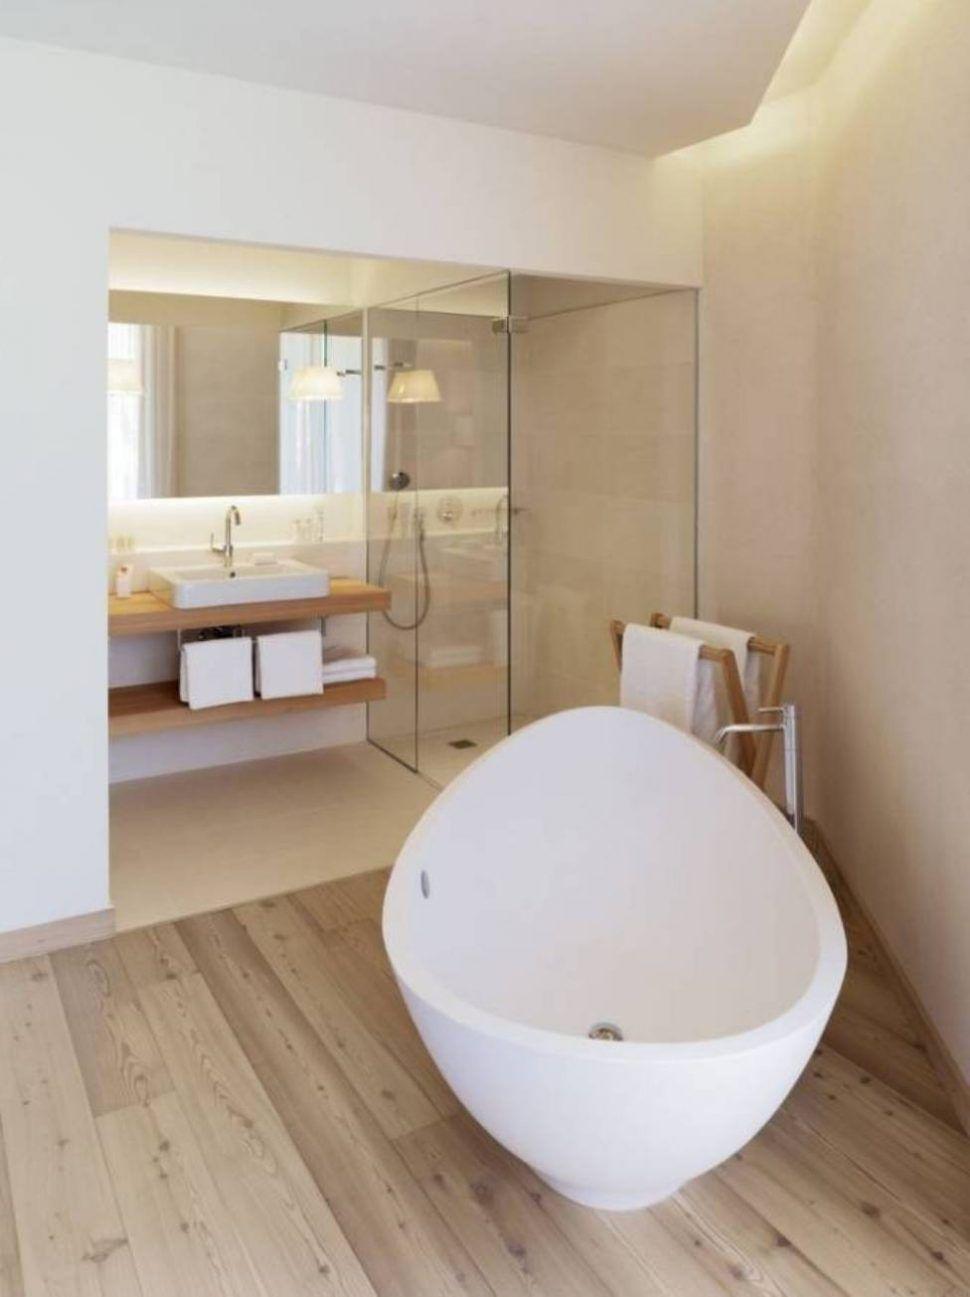 Bathroom Modern Rustic Bathroom Designing Idea With White Sleek Bathtub Design On Woo Modern Small Bathrooms Modern Bathrooms Interior Bathroom Interior Design